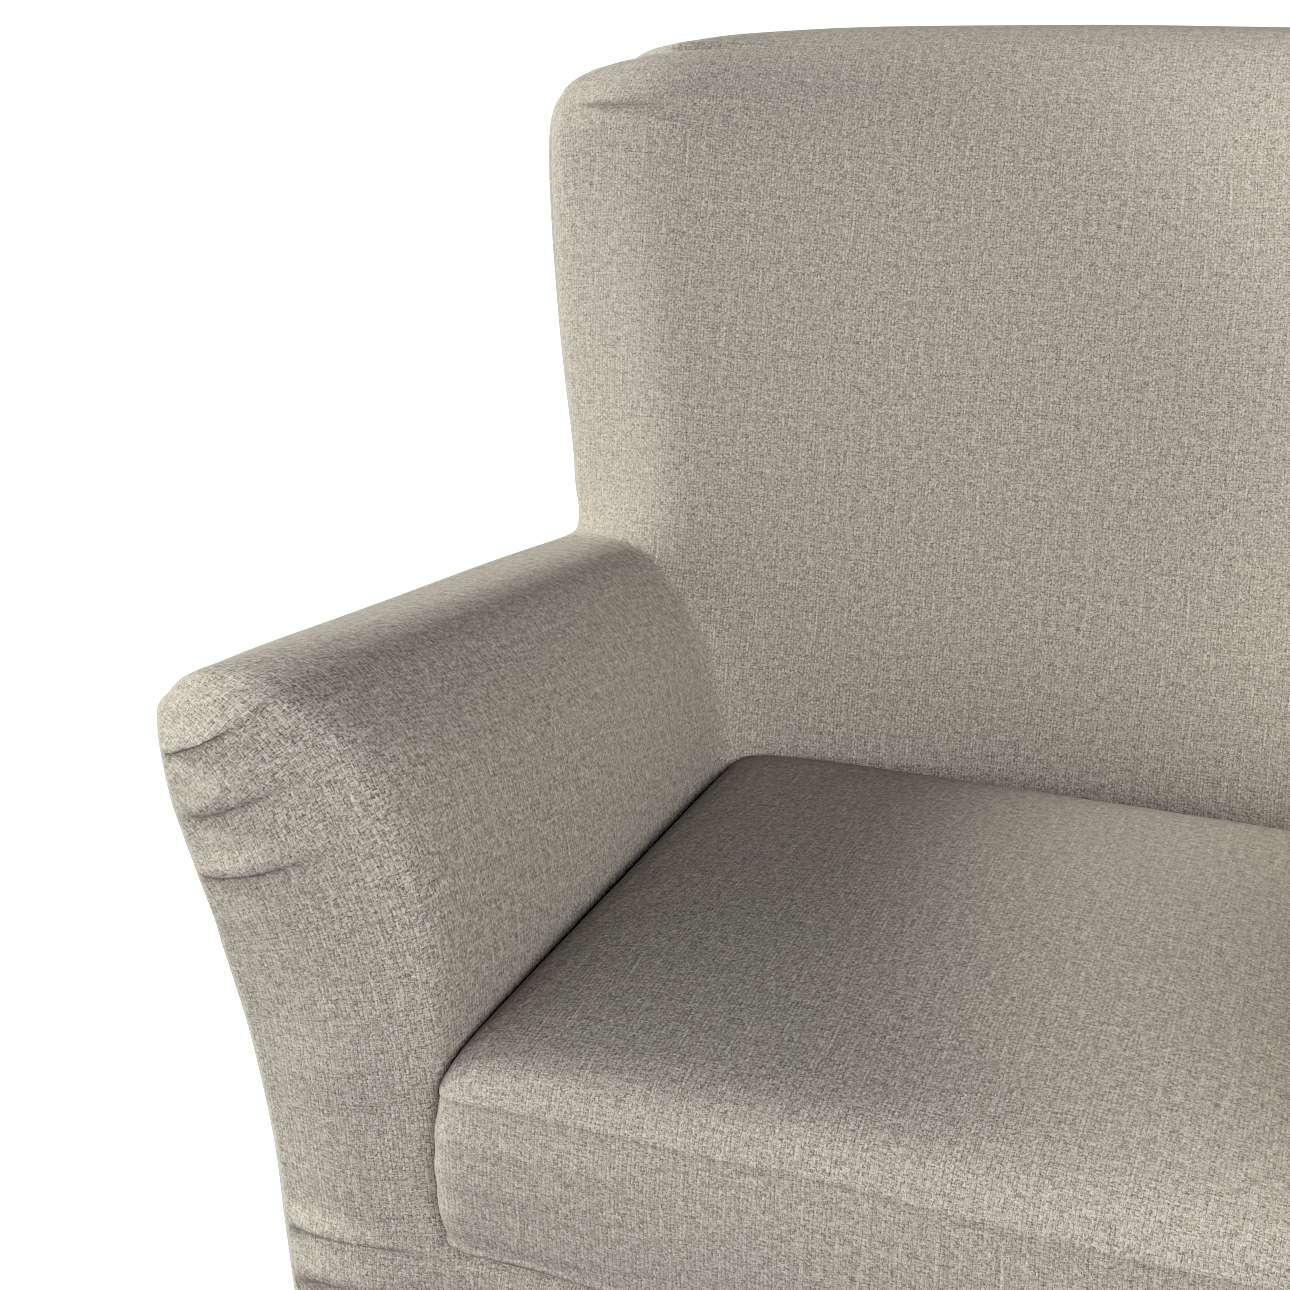 Pokrowiec na fotel Tomelilla z zakładkami w kolekcji Madrid, tkanina: 161-23